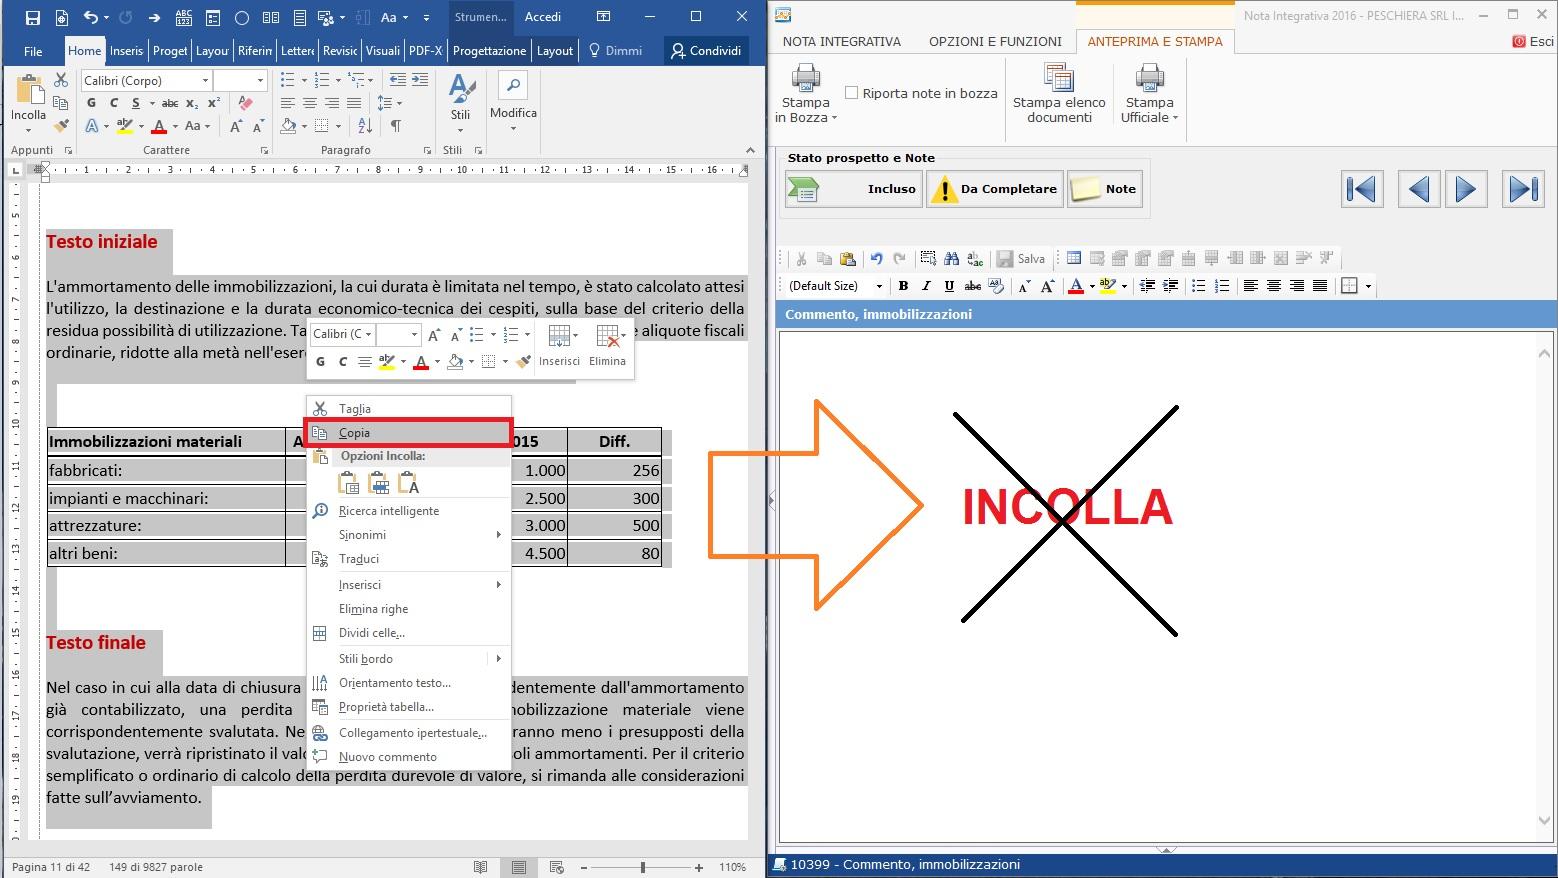 Nota Integrativa: come incollare tabelle e testi nell'Editor – non si possono incollare insieme testi e tabelle nell'editor